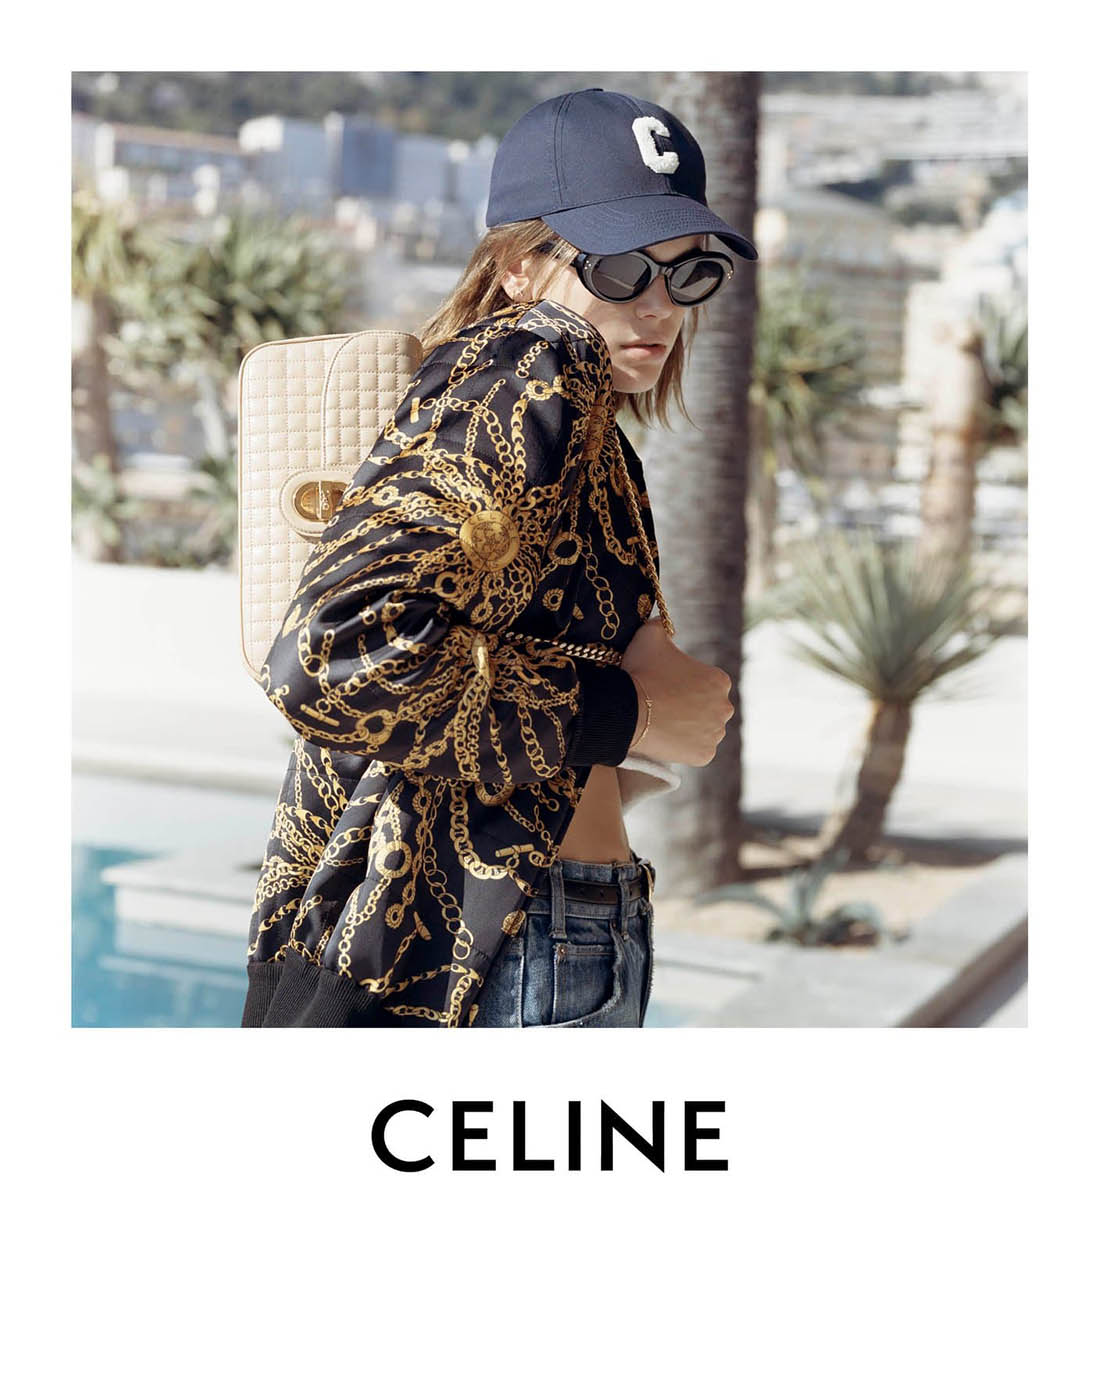 Celine Spring Summer 2021 Campaign